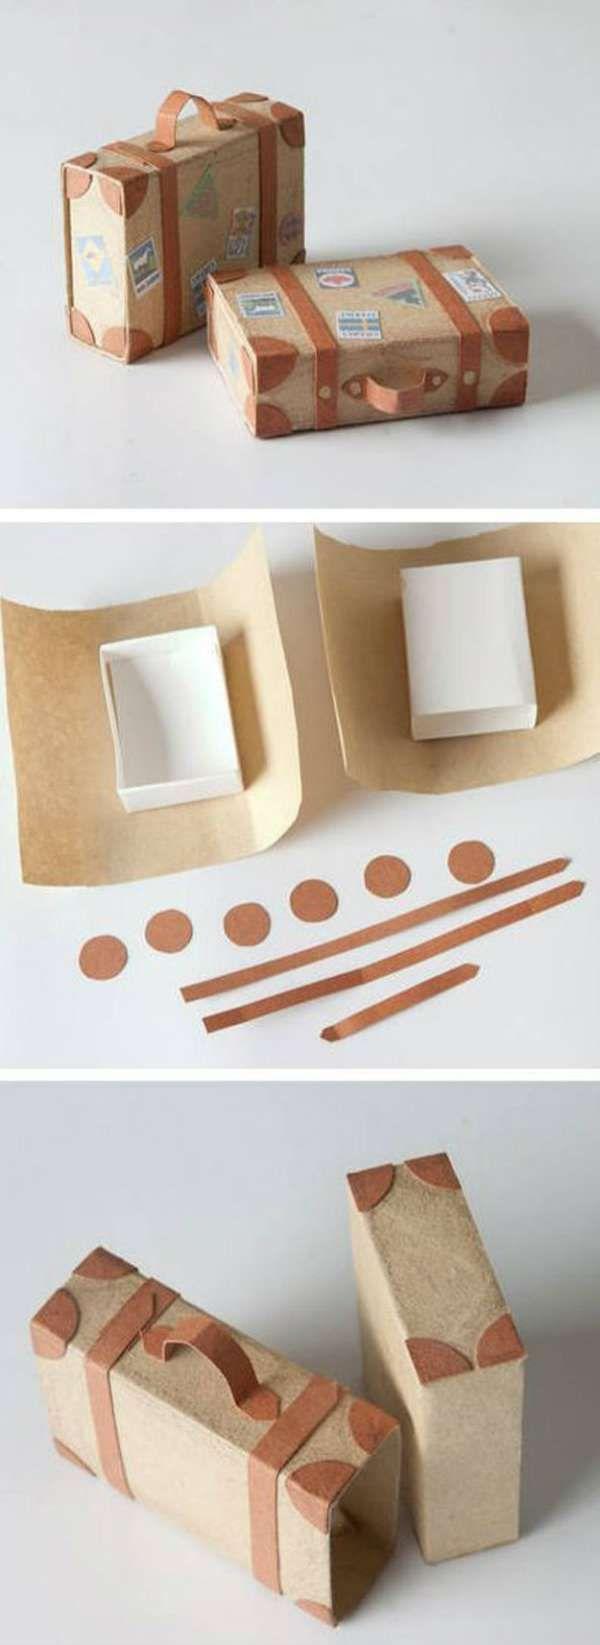 19 Idees Originales D Emballages Cadeaux A Faire Soi Meme Papier